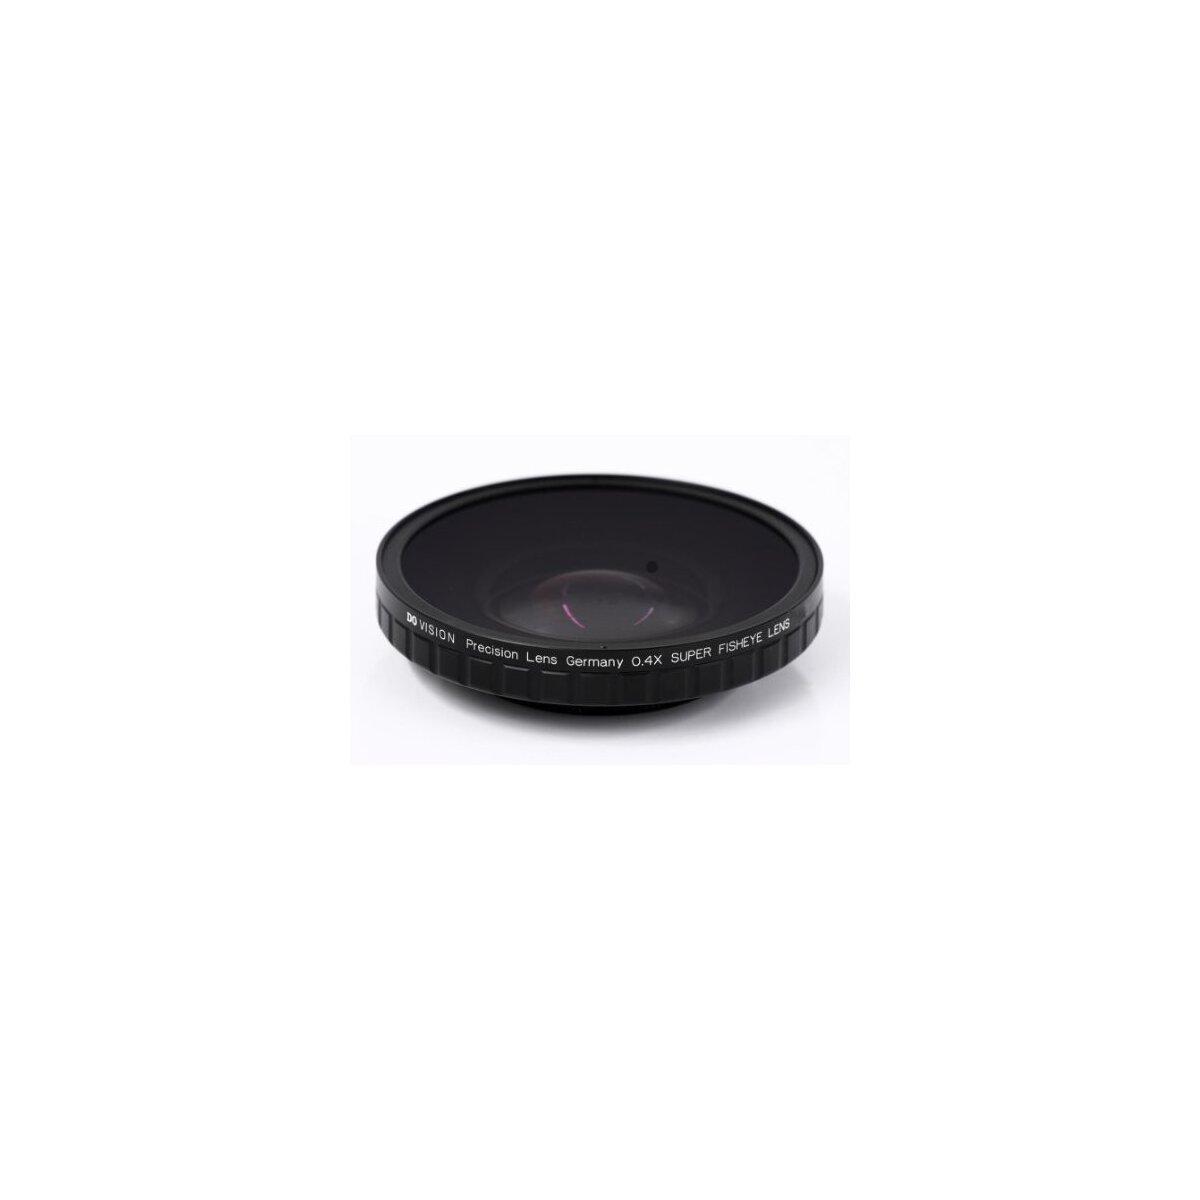 0.4x HD Fisheye Adapter mit 62mm Gewinde kompatibel für Sony HDR-FX7, HVR-V1